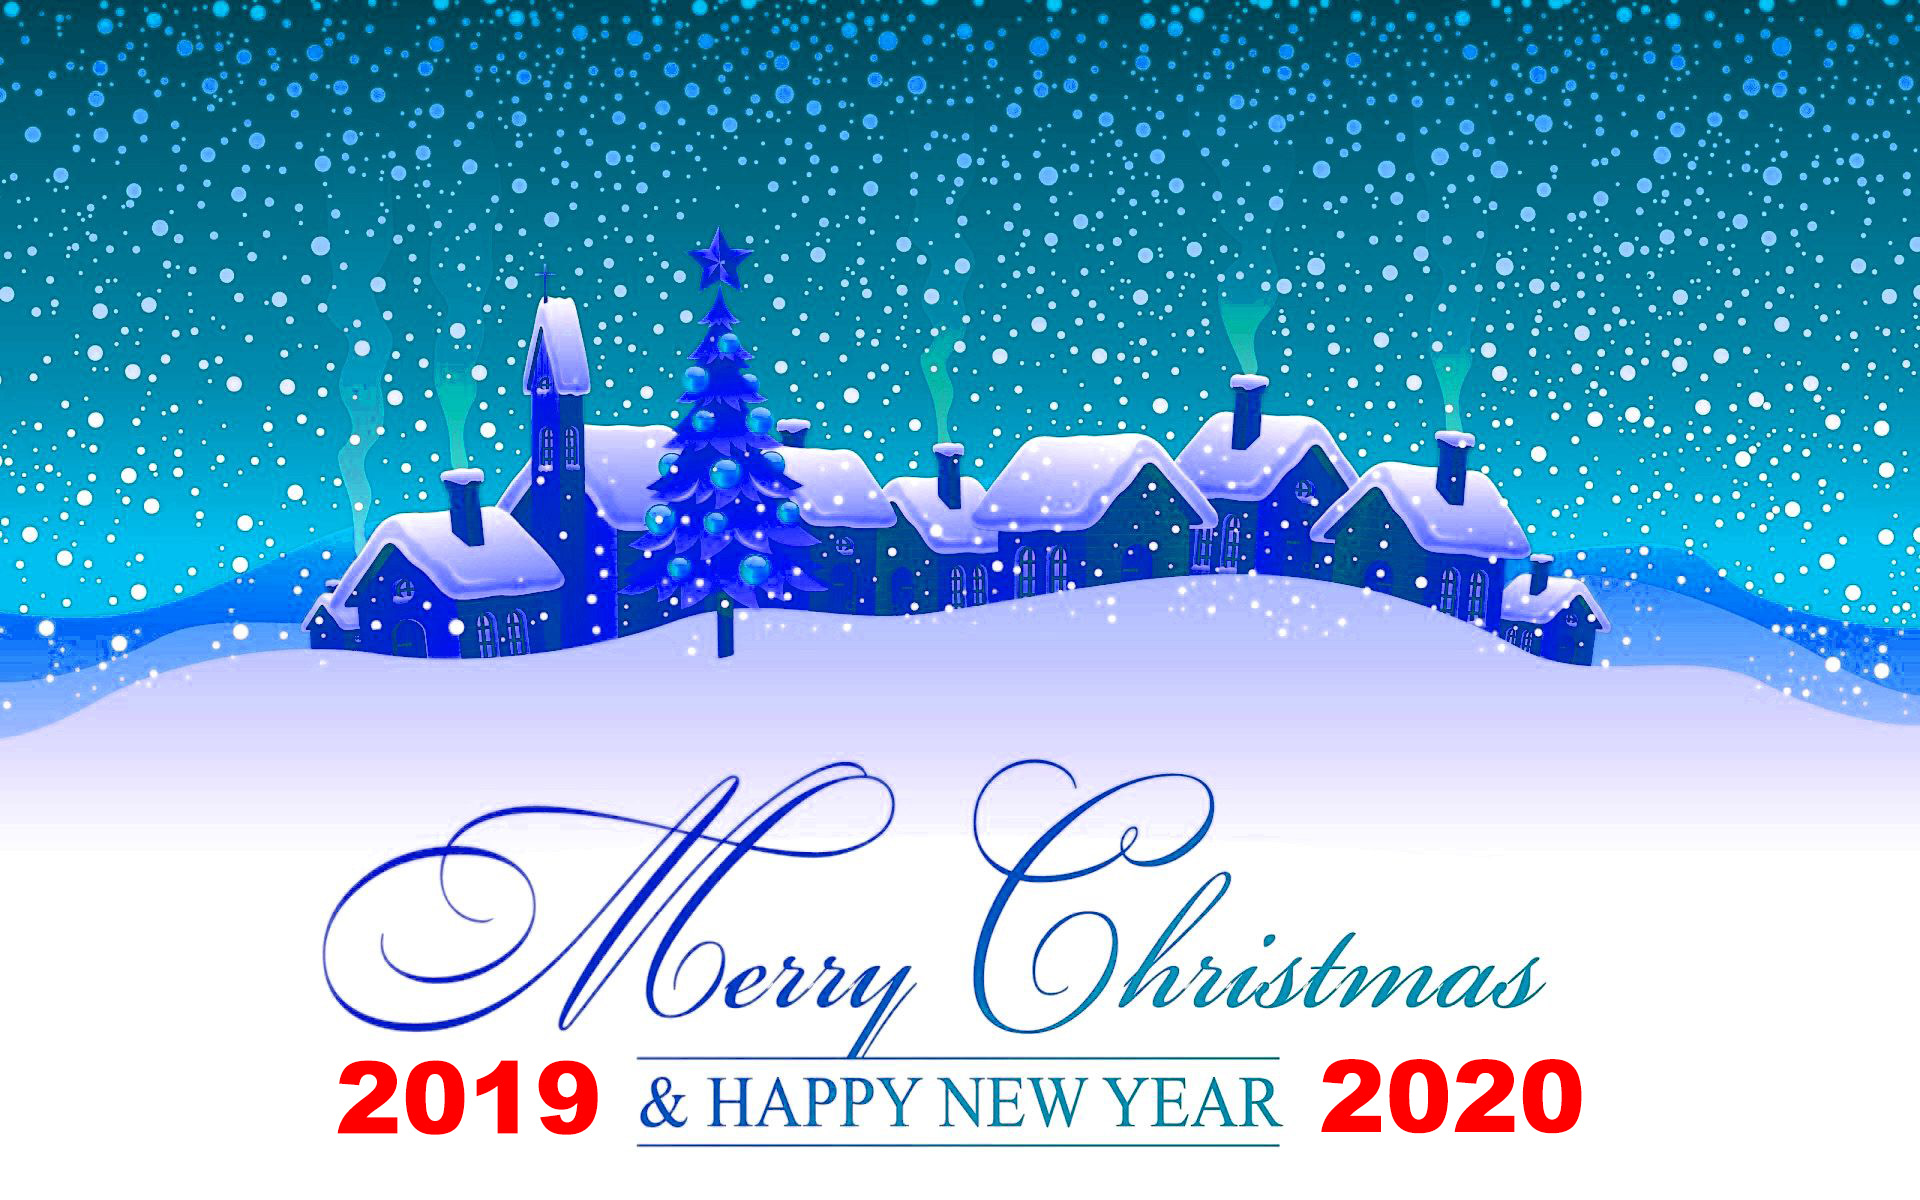 30] Merry Christmas 2020 Hd Wallpapers on WallpaperSafari 1920x1200